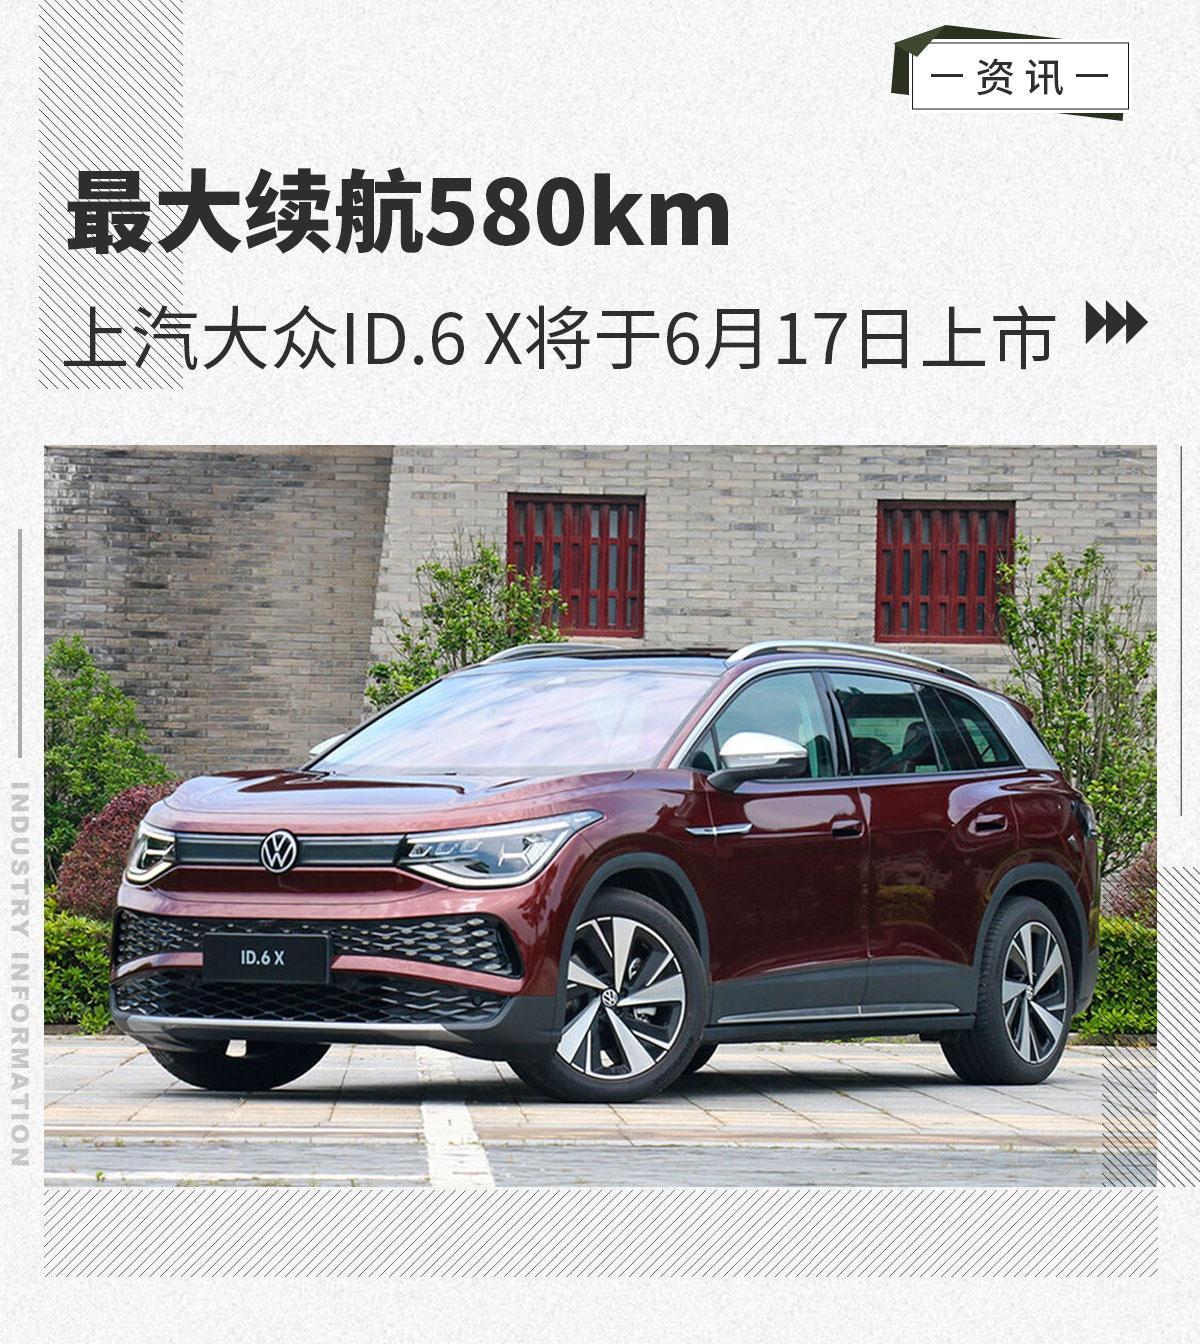 最高续航580km 上汽大众ID.6 X将于6月17日上市